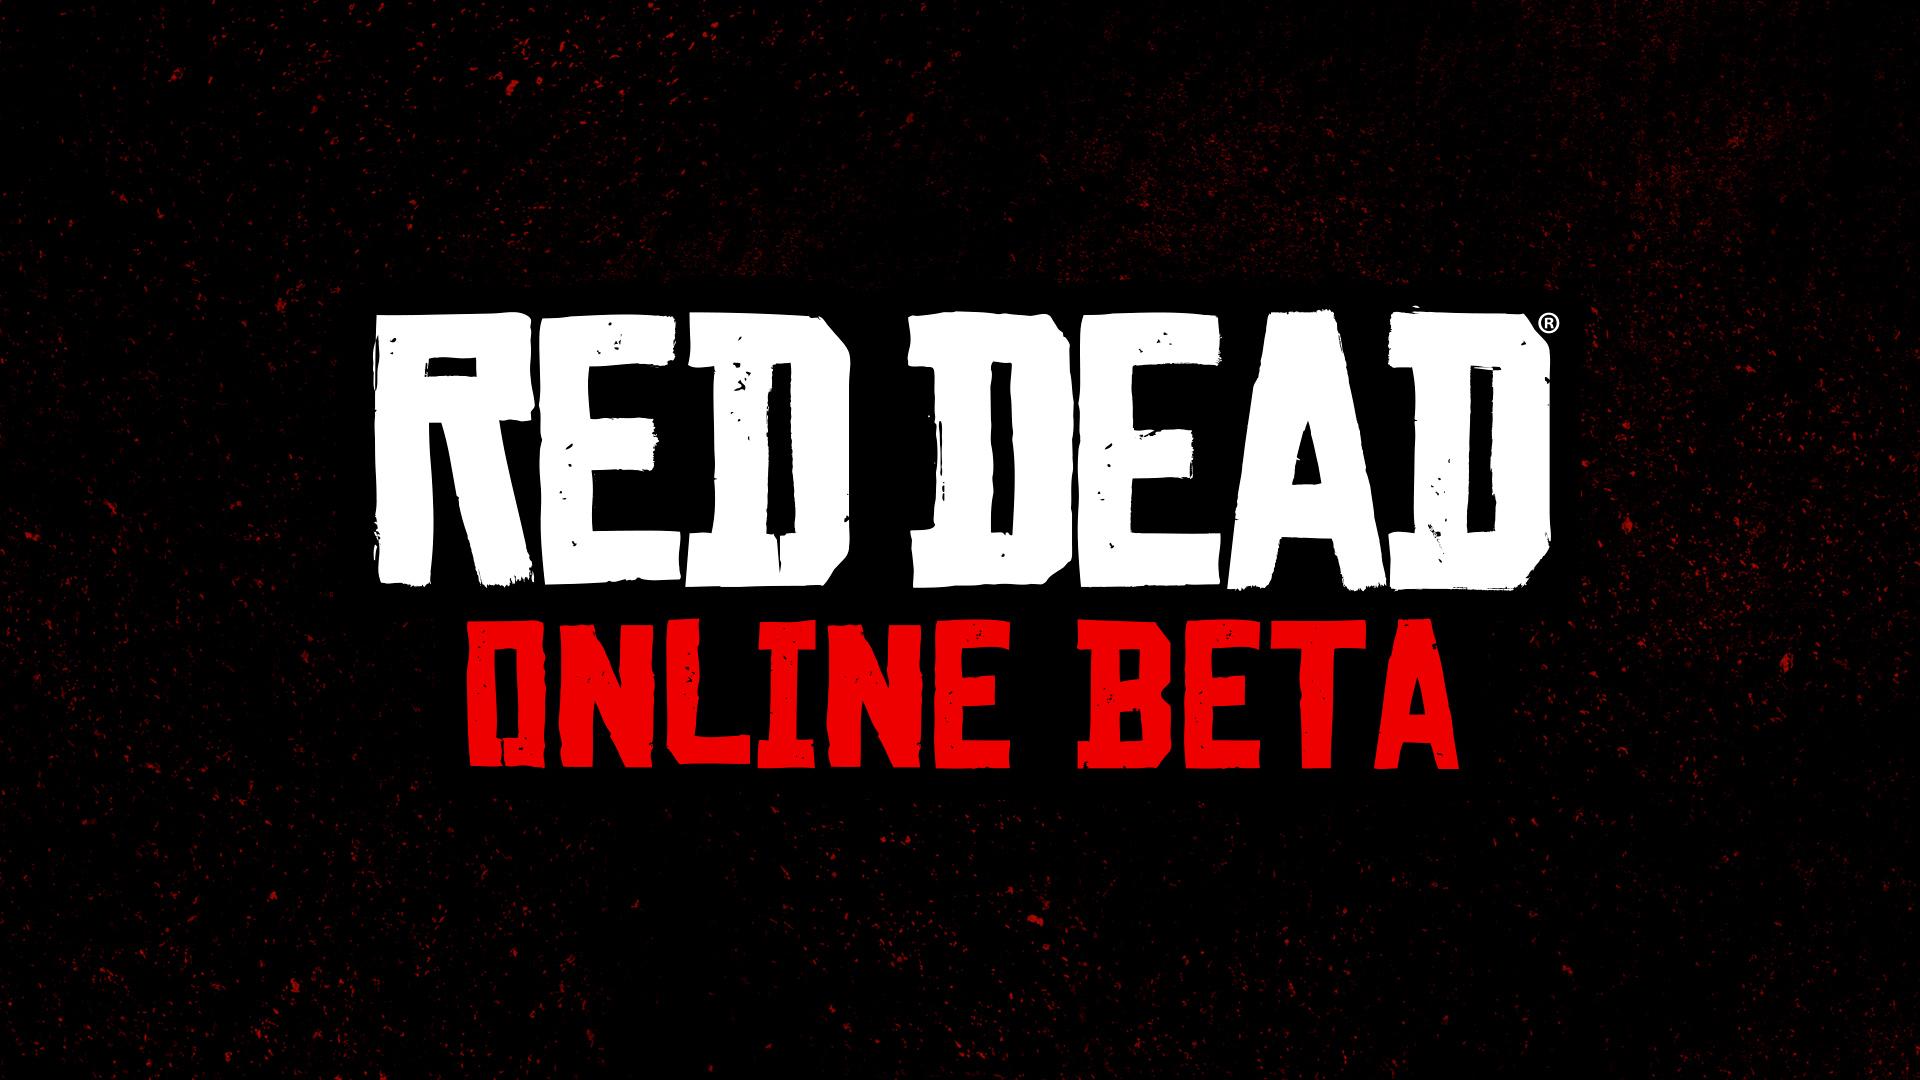 Мультиплеер Red Dead Redemption 2 появится вигре через месяц после релиза